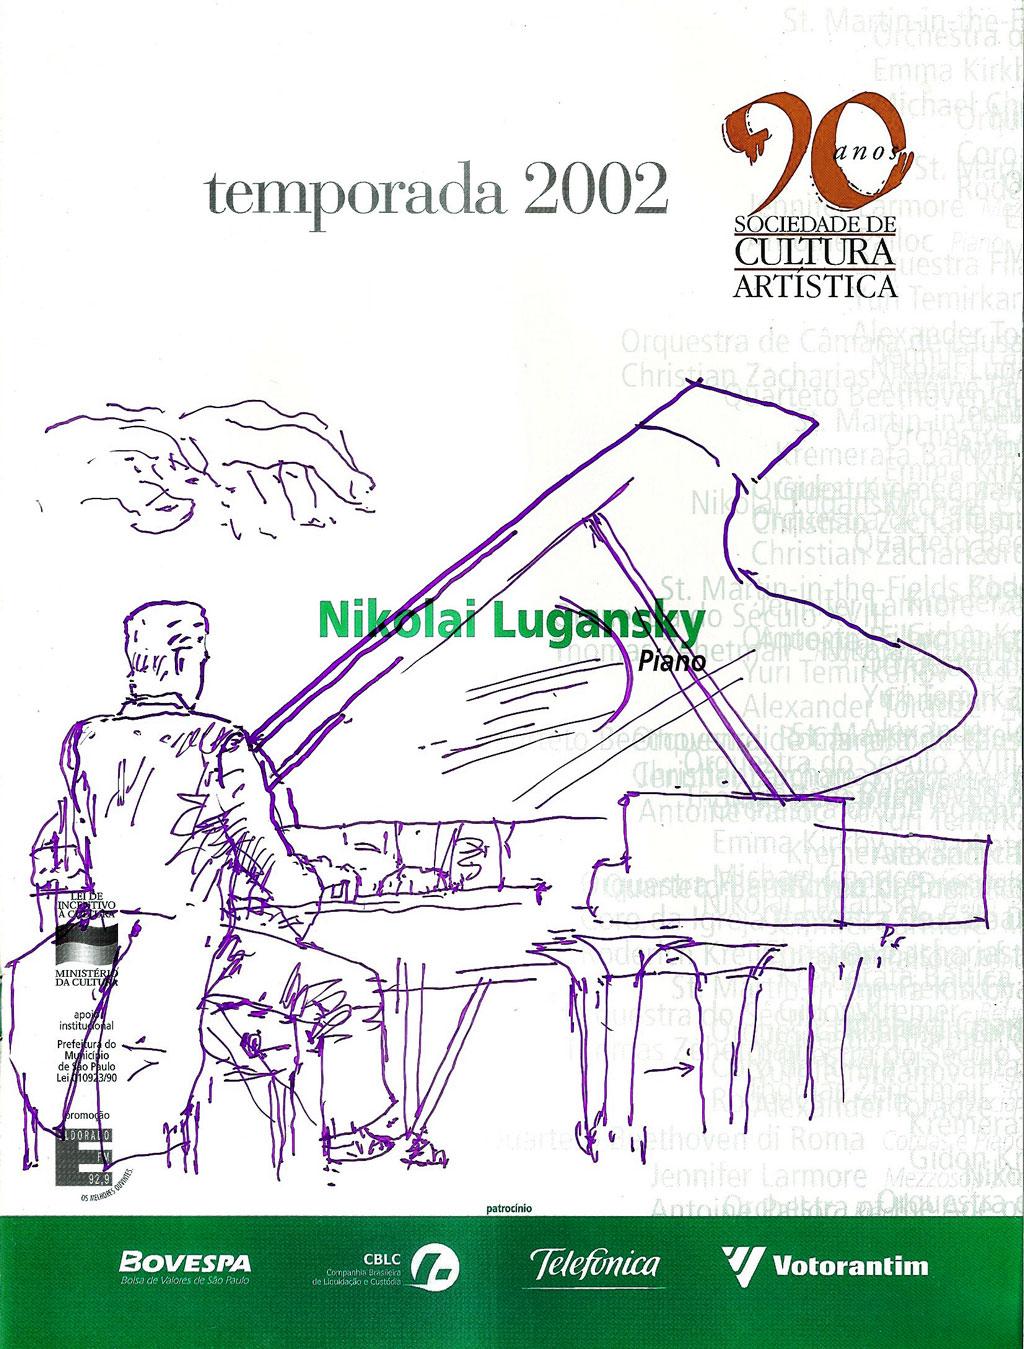 CONCERTOS 2002 (13)